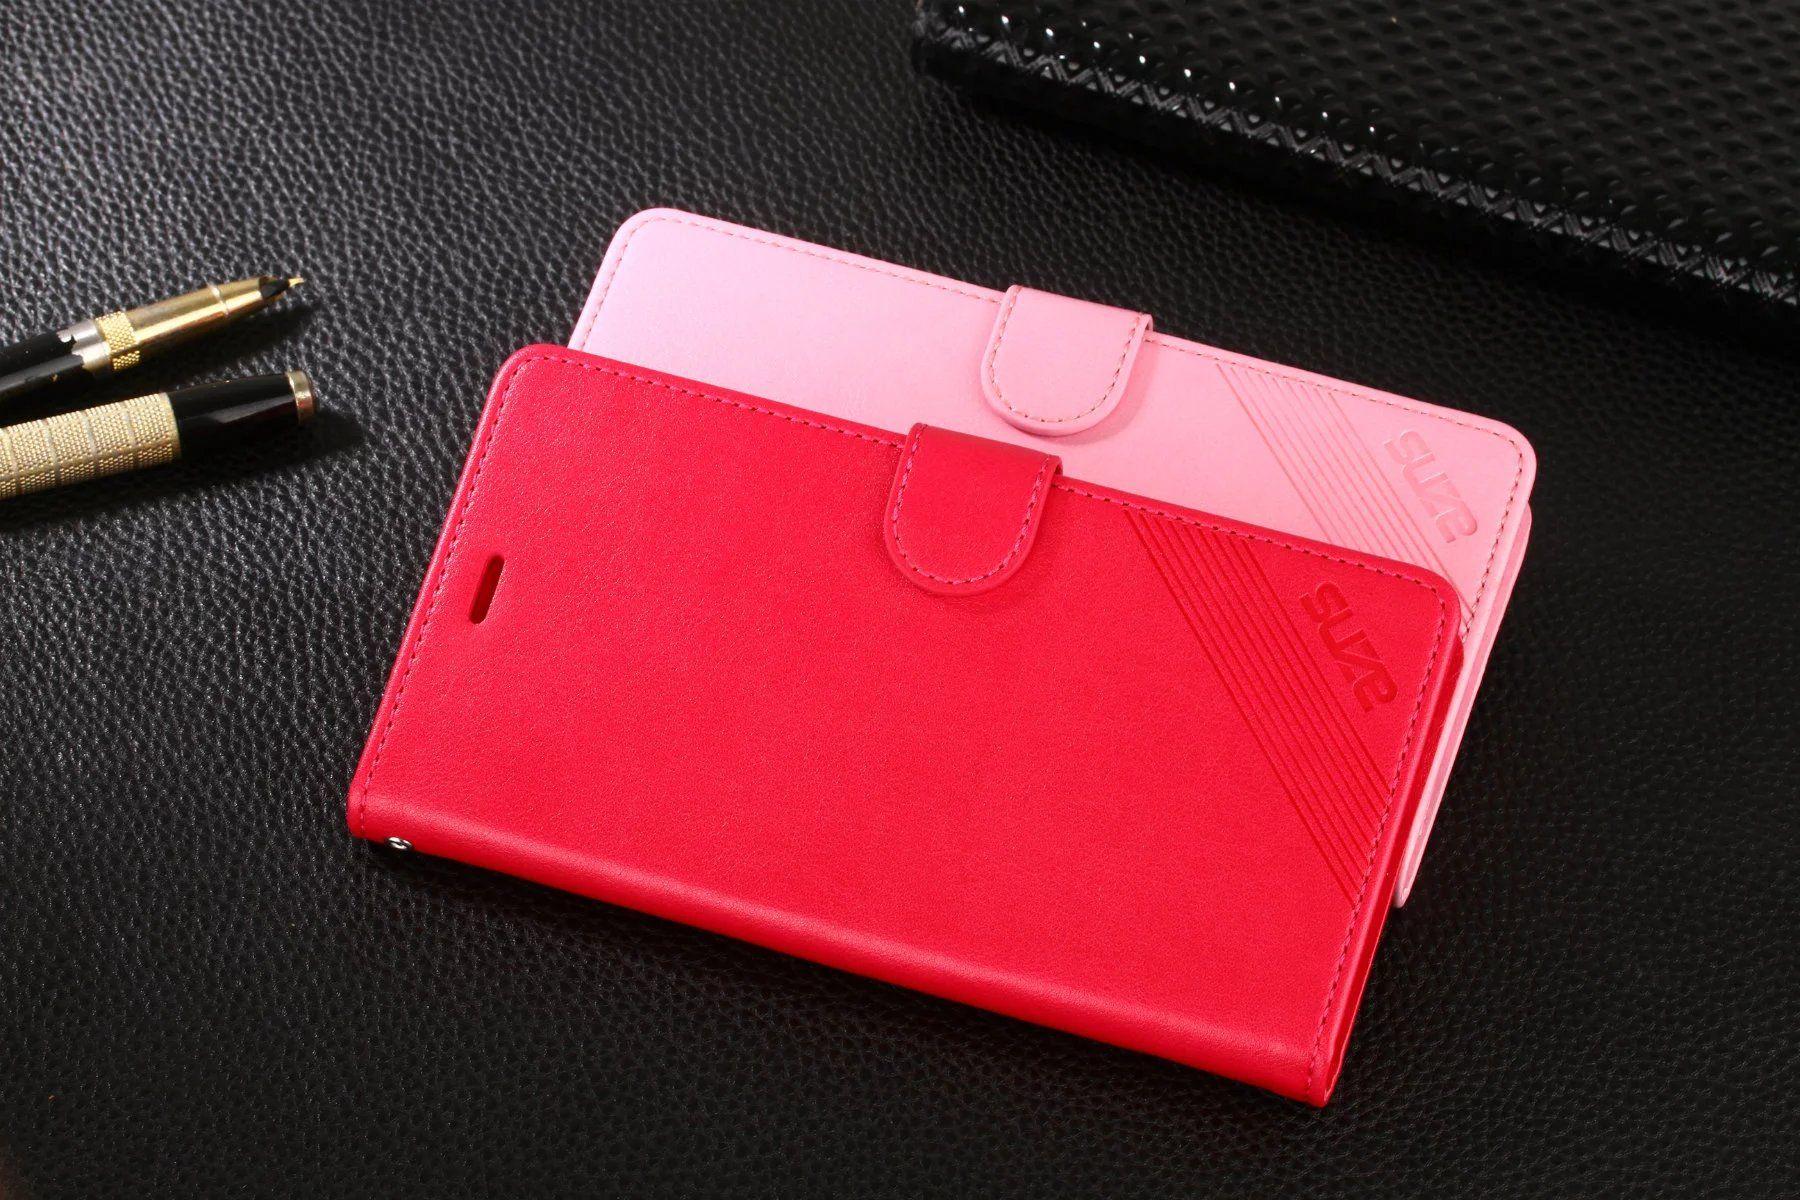 Fresco Xiaomi Redmi Note 2 Caso di lusso di vibrazione del raccoglitore Custodia in pelle originale sottile copertina rigida Xiaomi Hongmi Redmi Note 2